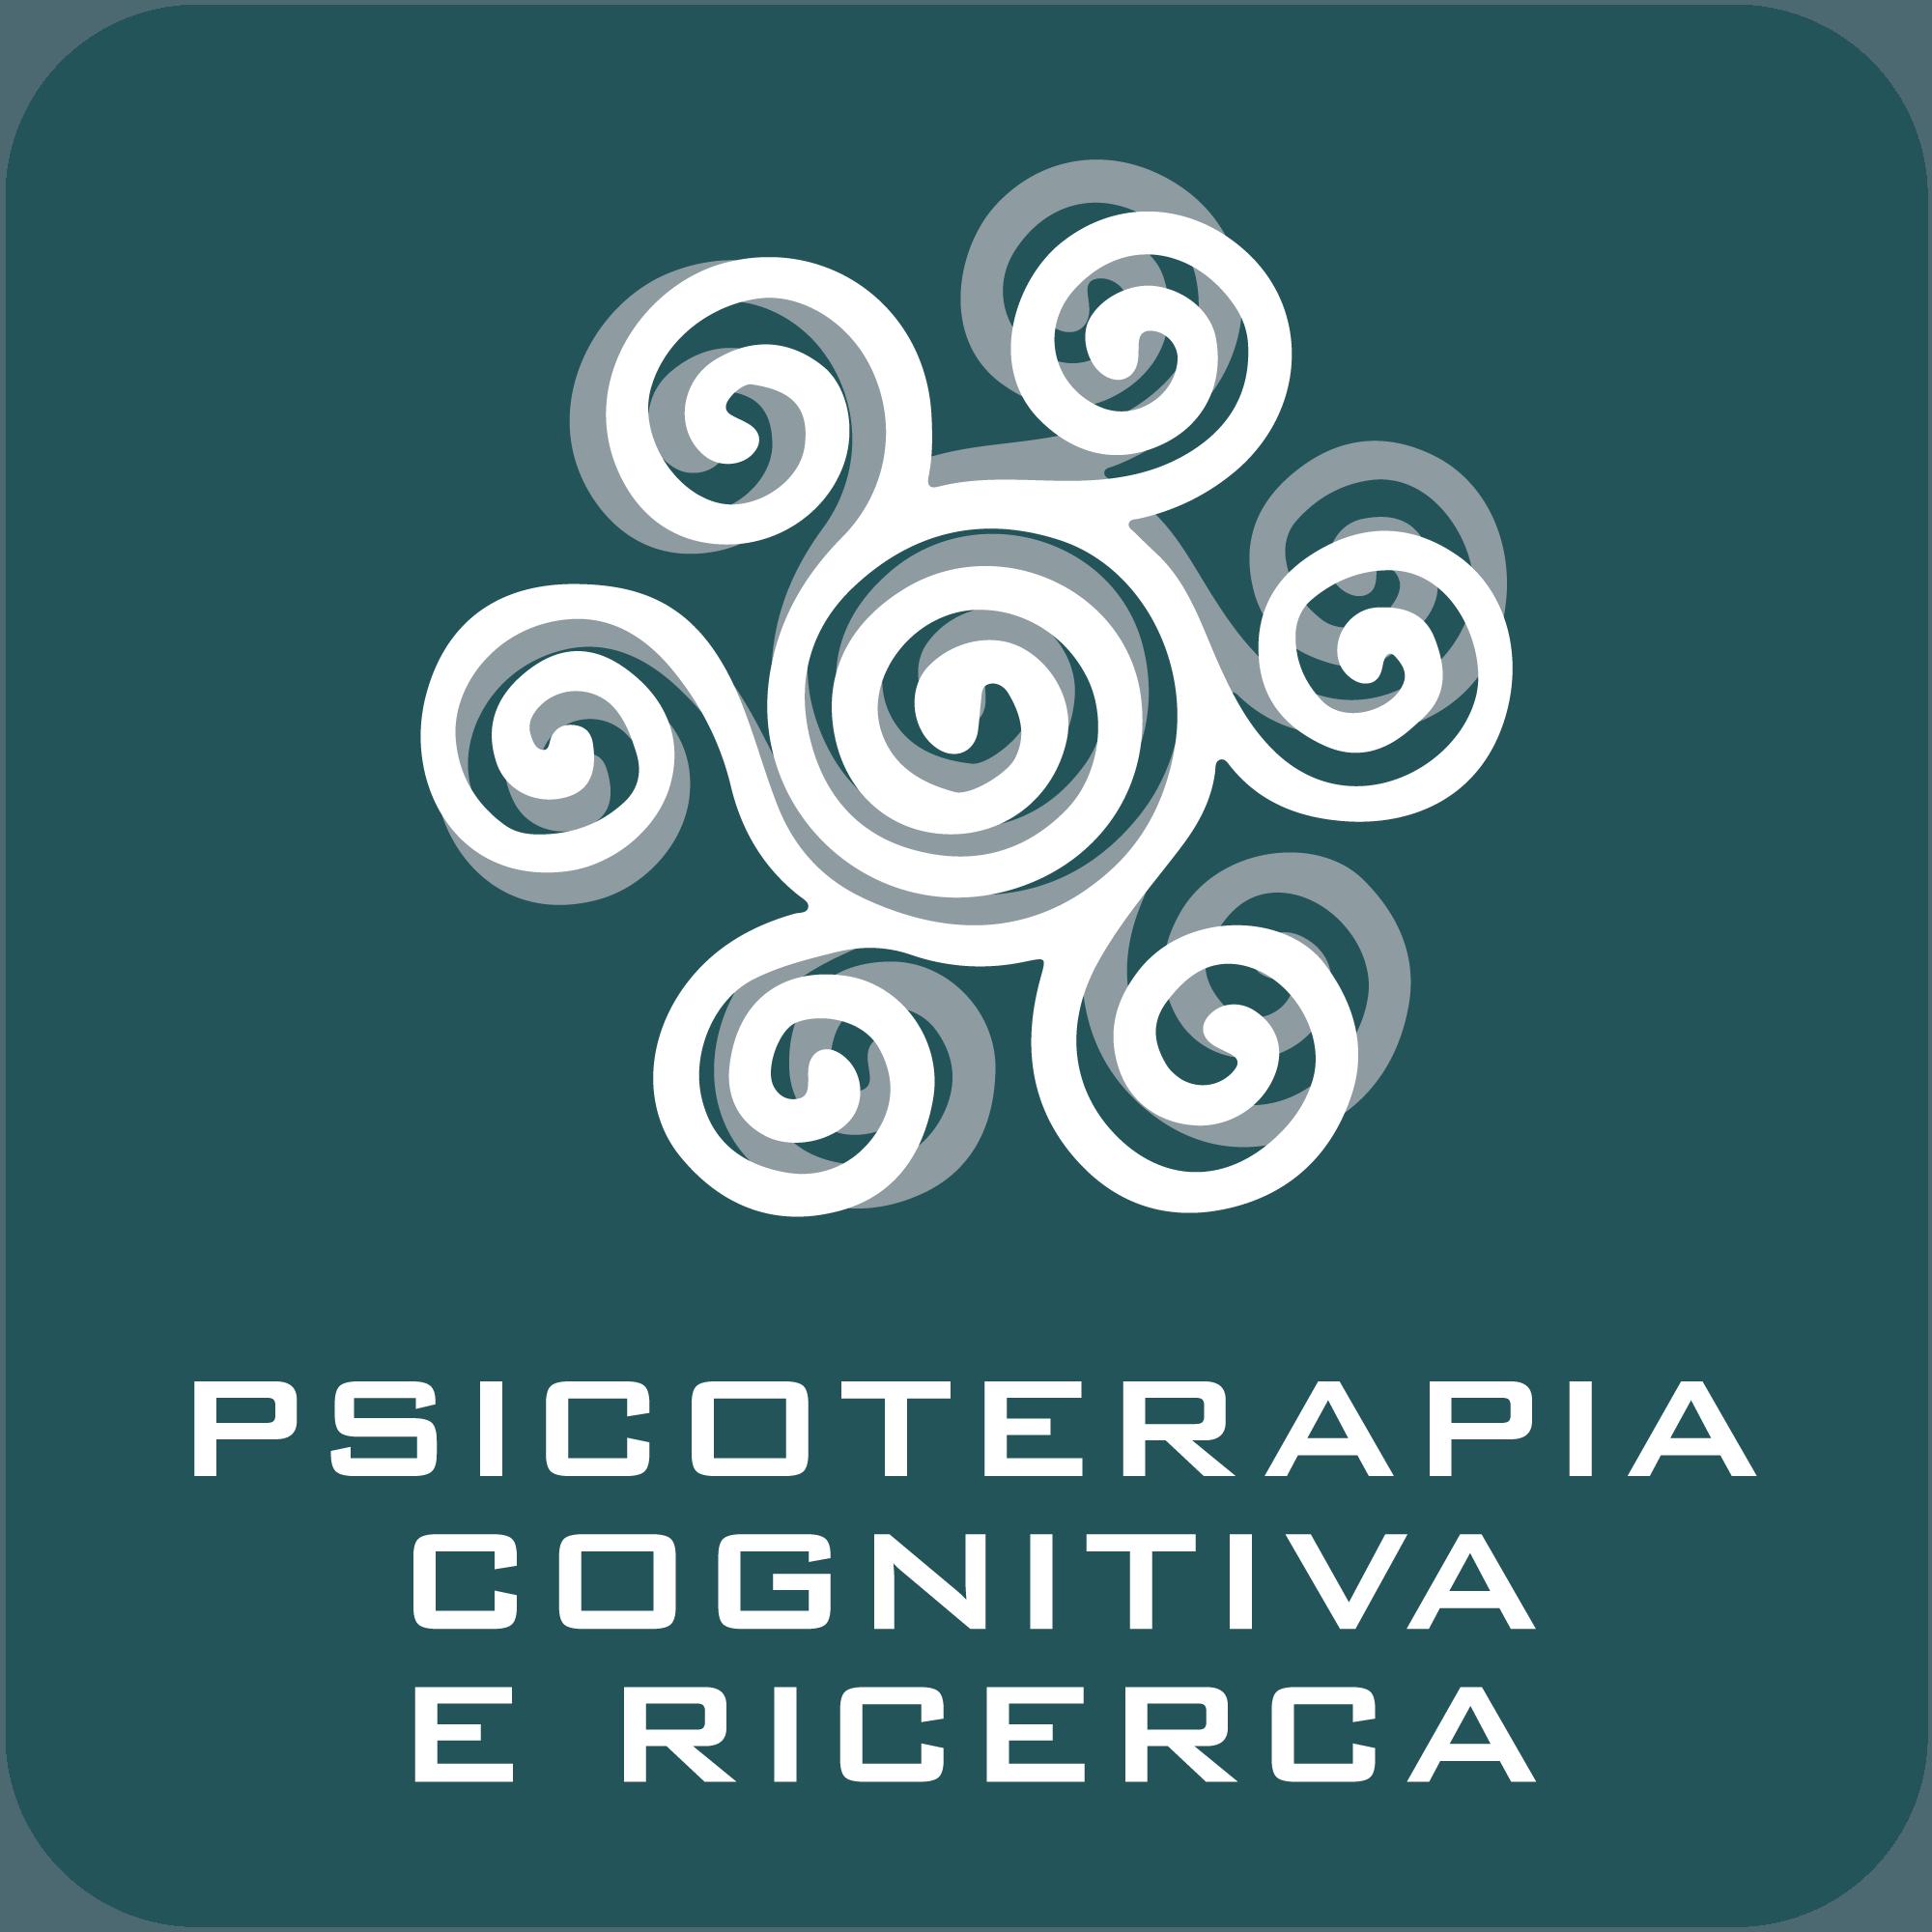 Psicoterapia Cognitiva e Ricerca - BOLZANO - Scuola di Specializzazione in Psicoterapia Cognitivo-Comportamentale